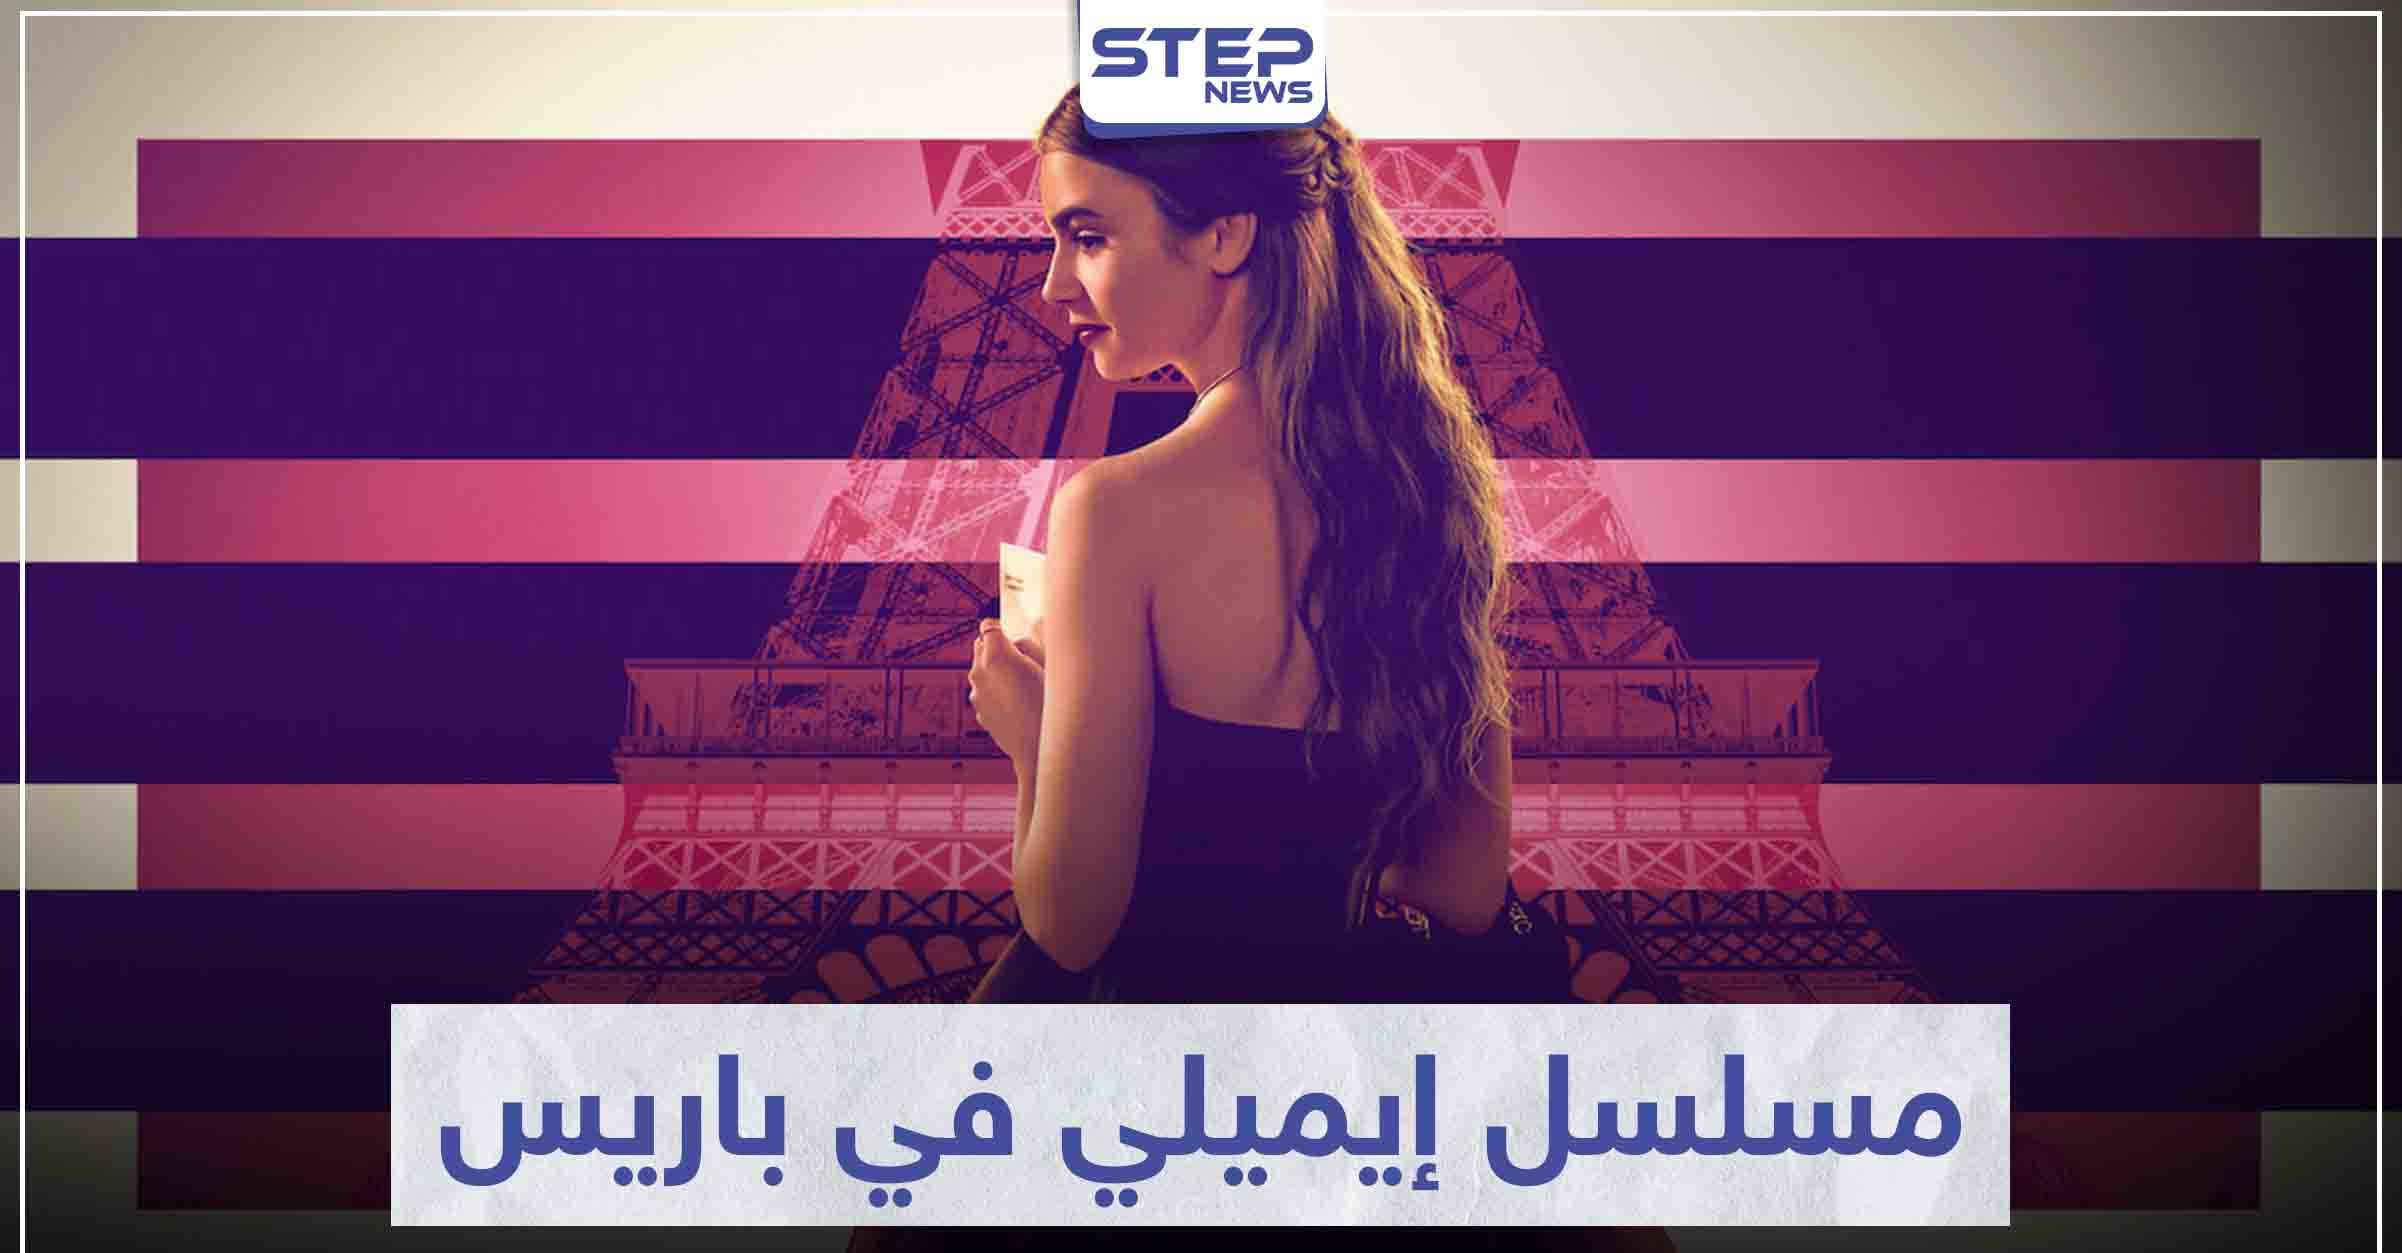 """مسلسل إيميلي في باريس """"Emily in Paris"""" لمحبي الدراما"""